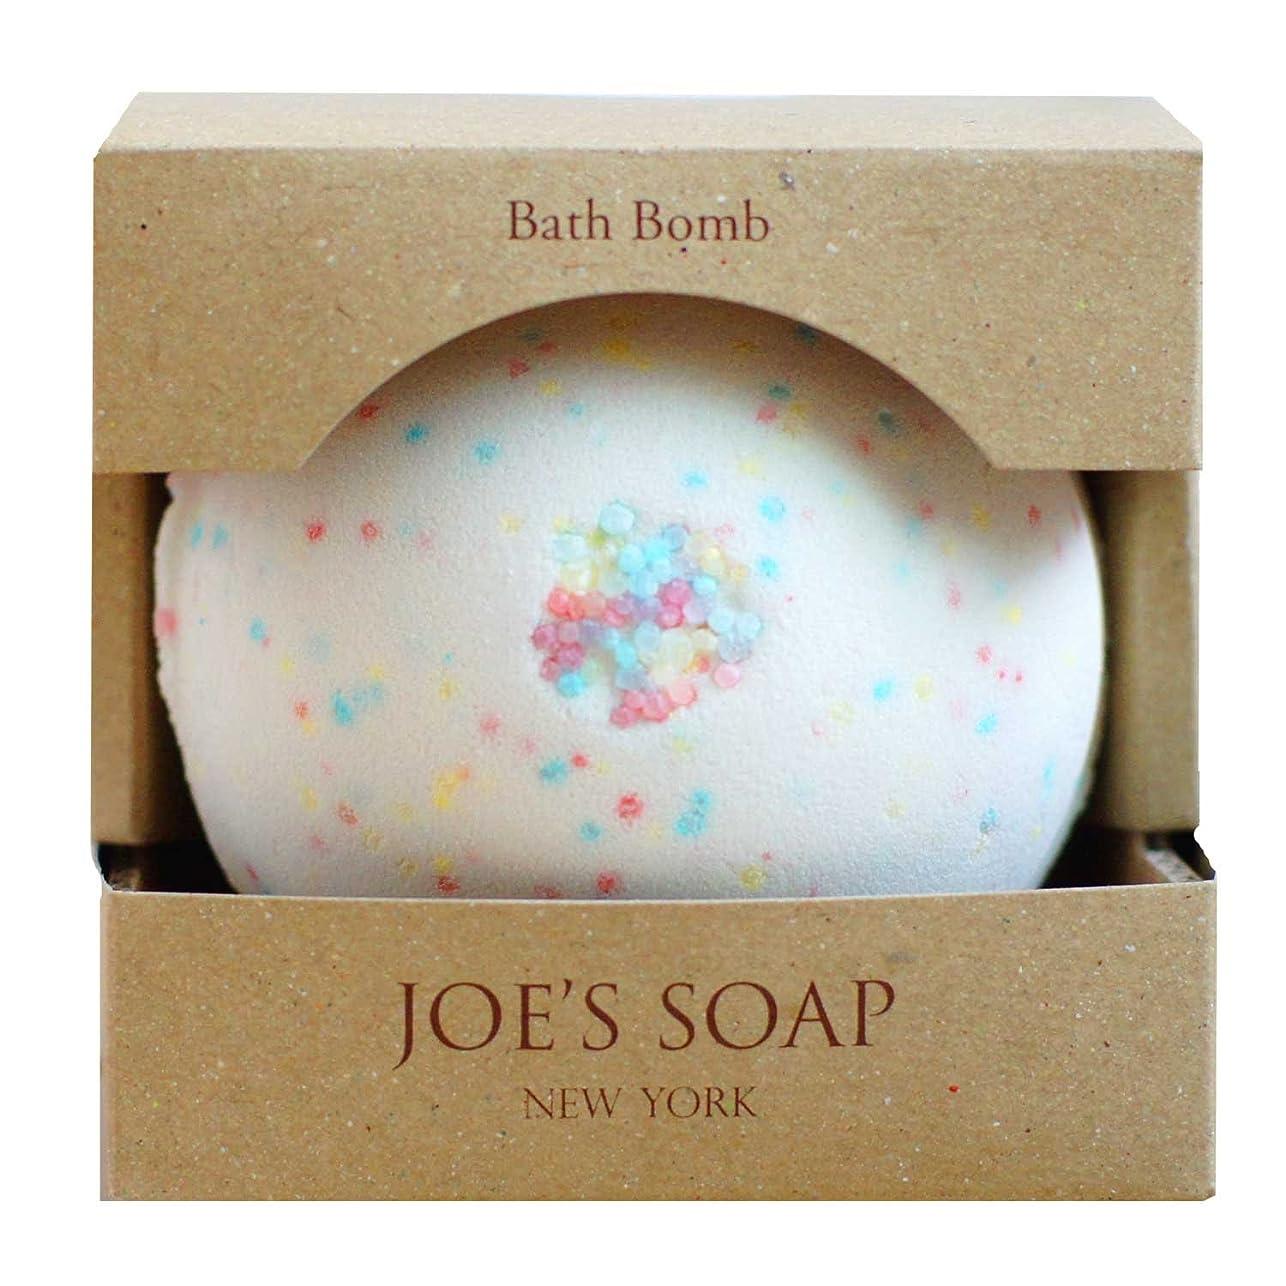 障害十代の若者たち象JOE'S SOAP (ジョーズソープ) バスボム(BEAUTY) バスボール 入浴剤 保湿 ボディケア スキンケア オリーブオイル はちみつ フト プレゼント